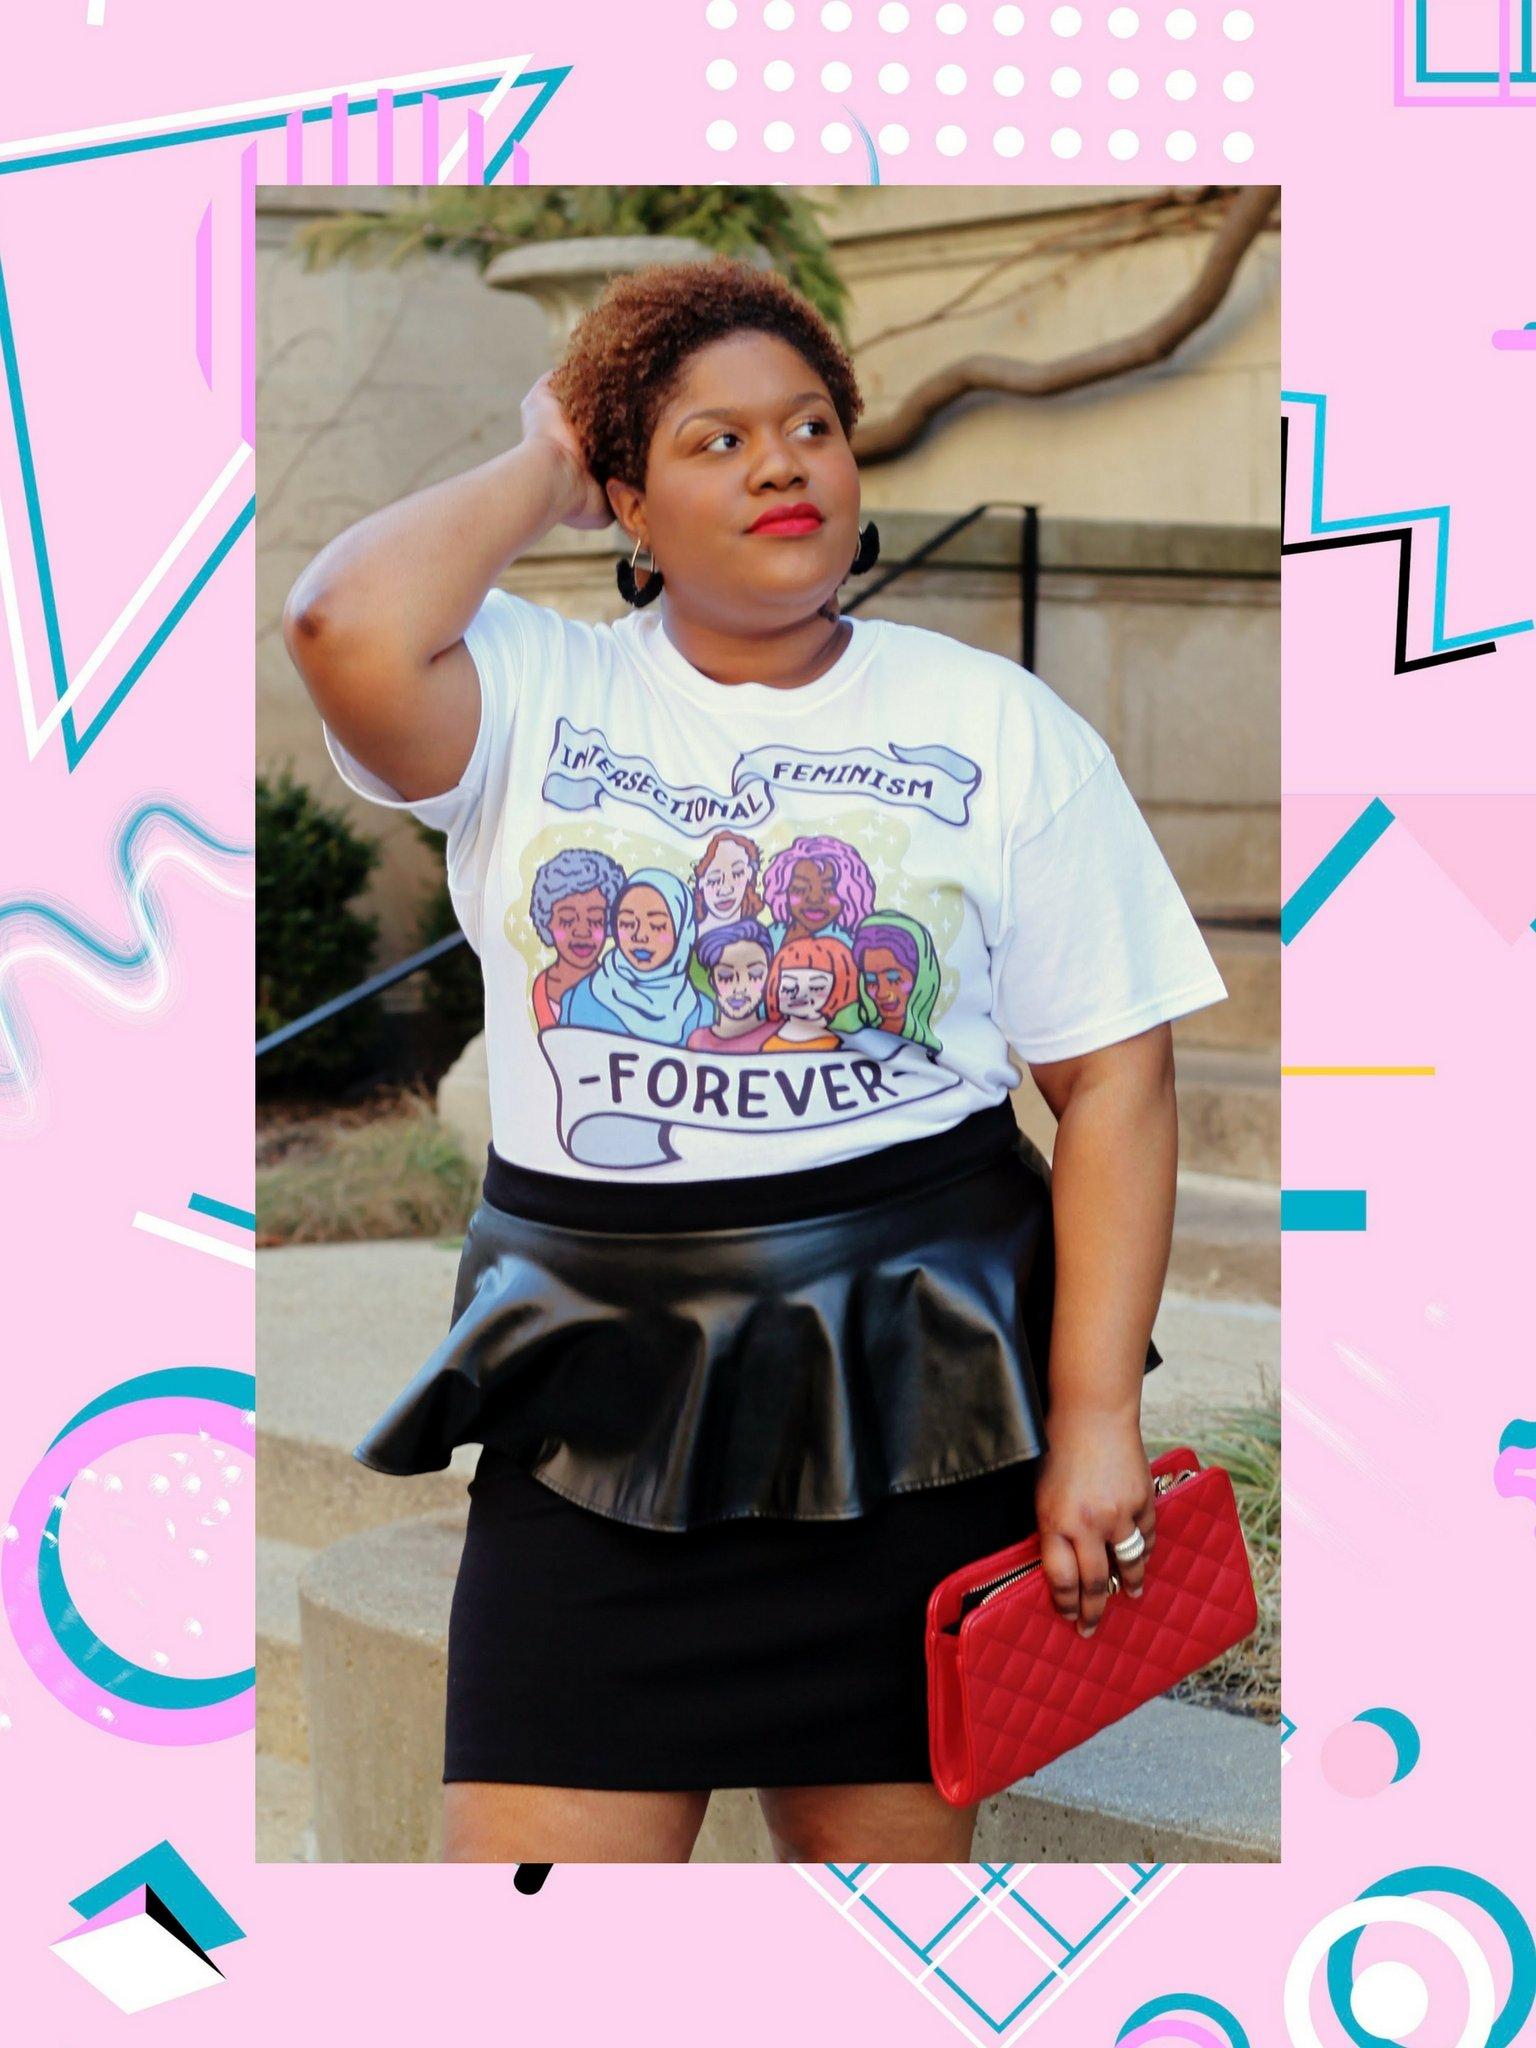 Intersectional_Feminist_Forever_T-Shirt_4_1024x1024@2x.jpg